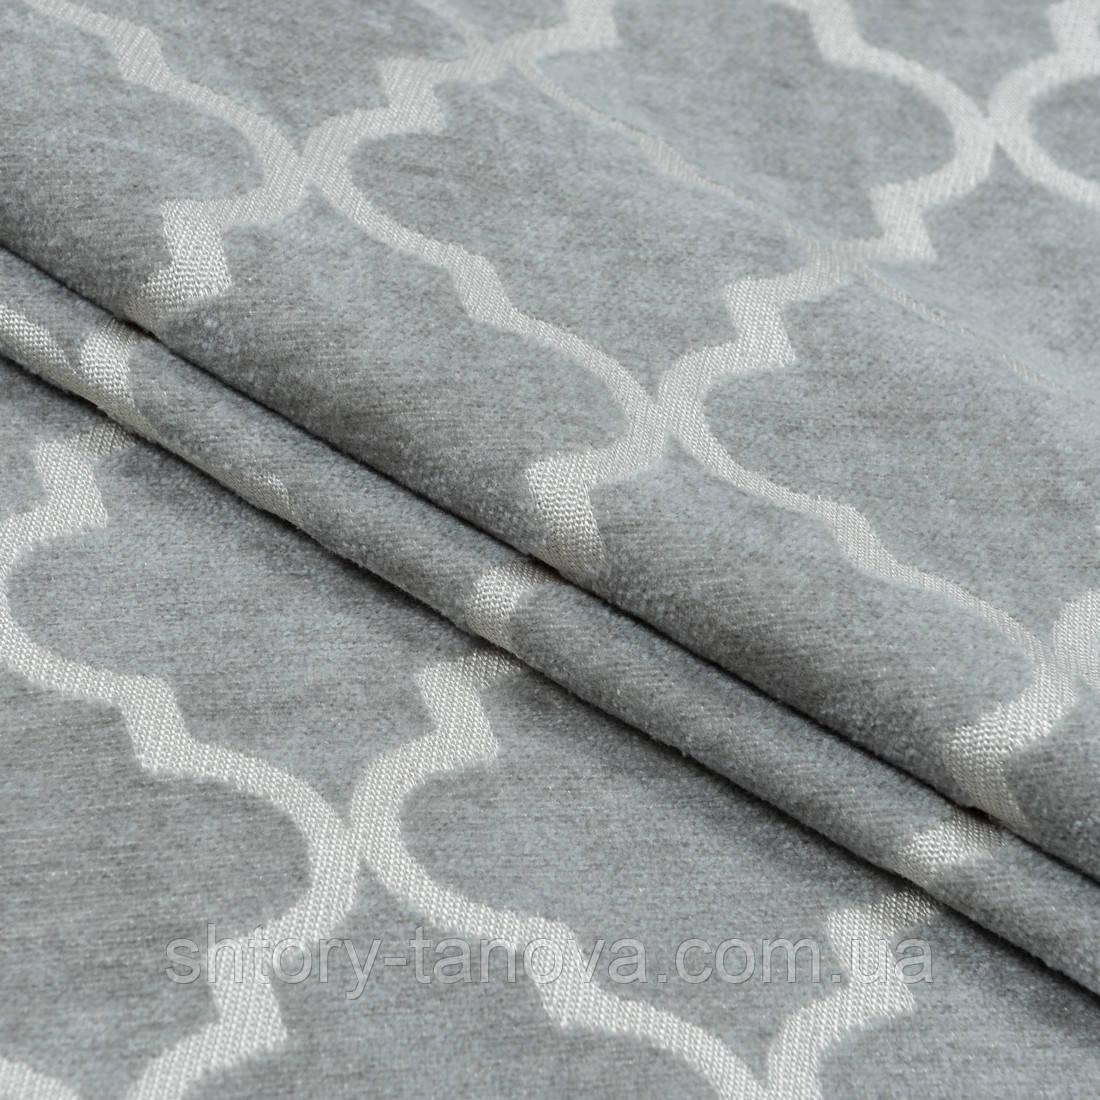 Шенилл жаккард ромб на шторах и декора серый